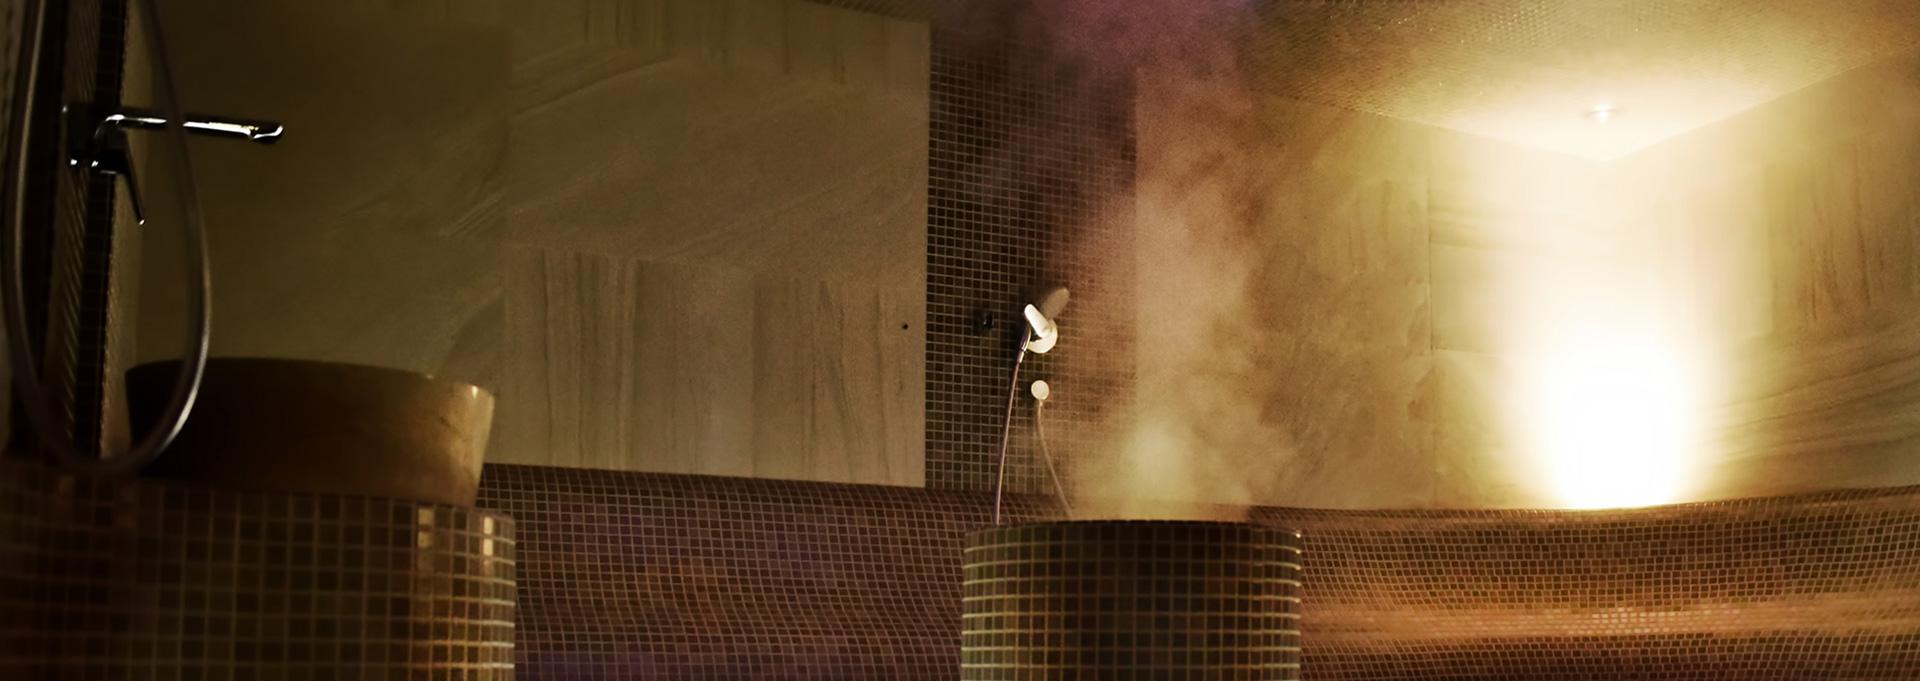 Parno Tursko kupatilo u Wellness centru Solaris Resorta u Vrnjačkoj Banji